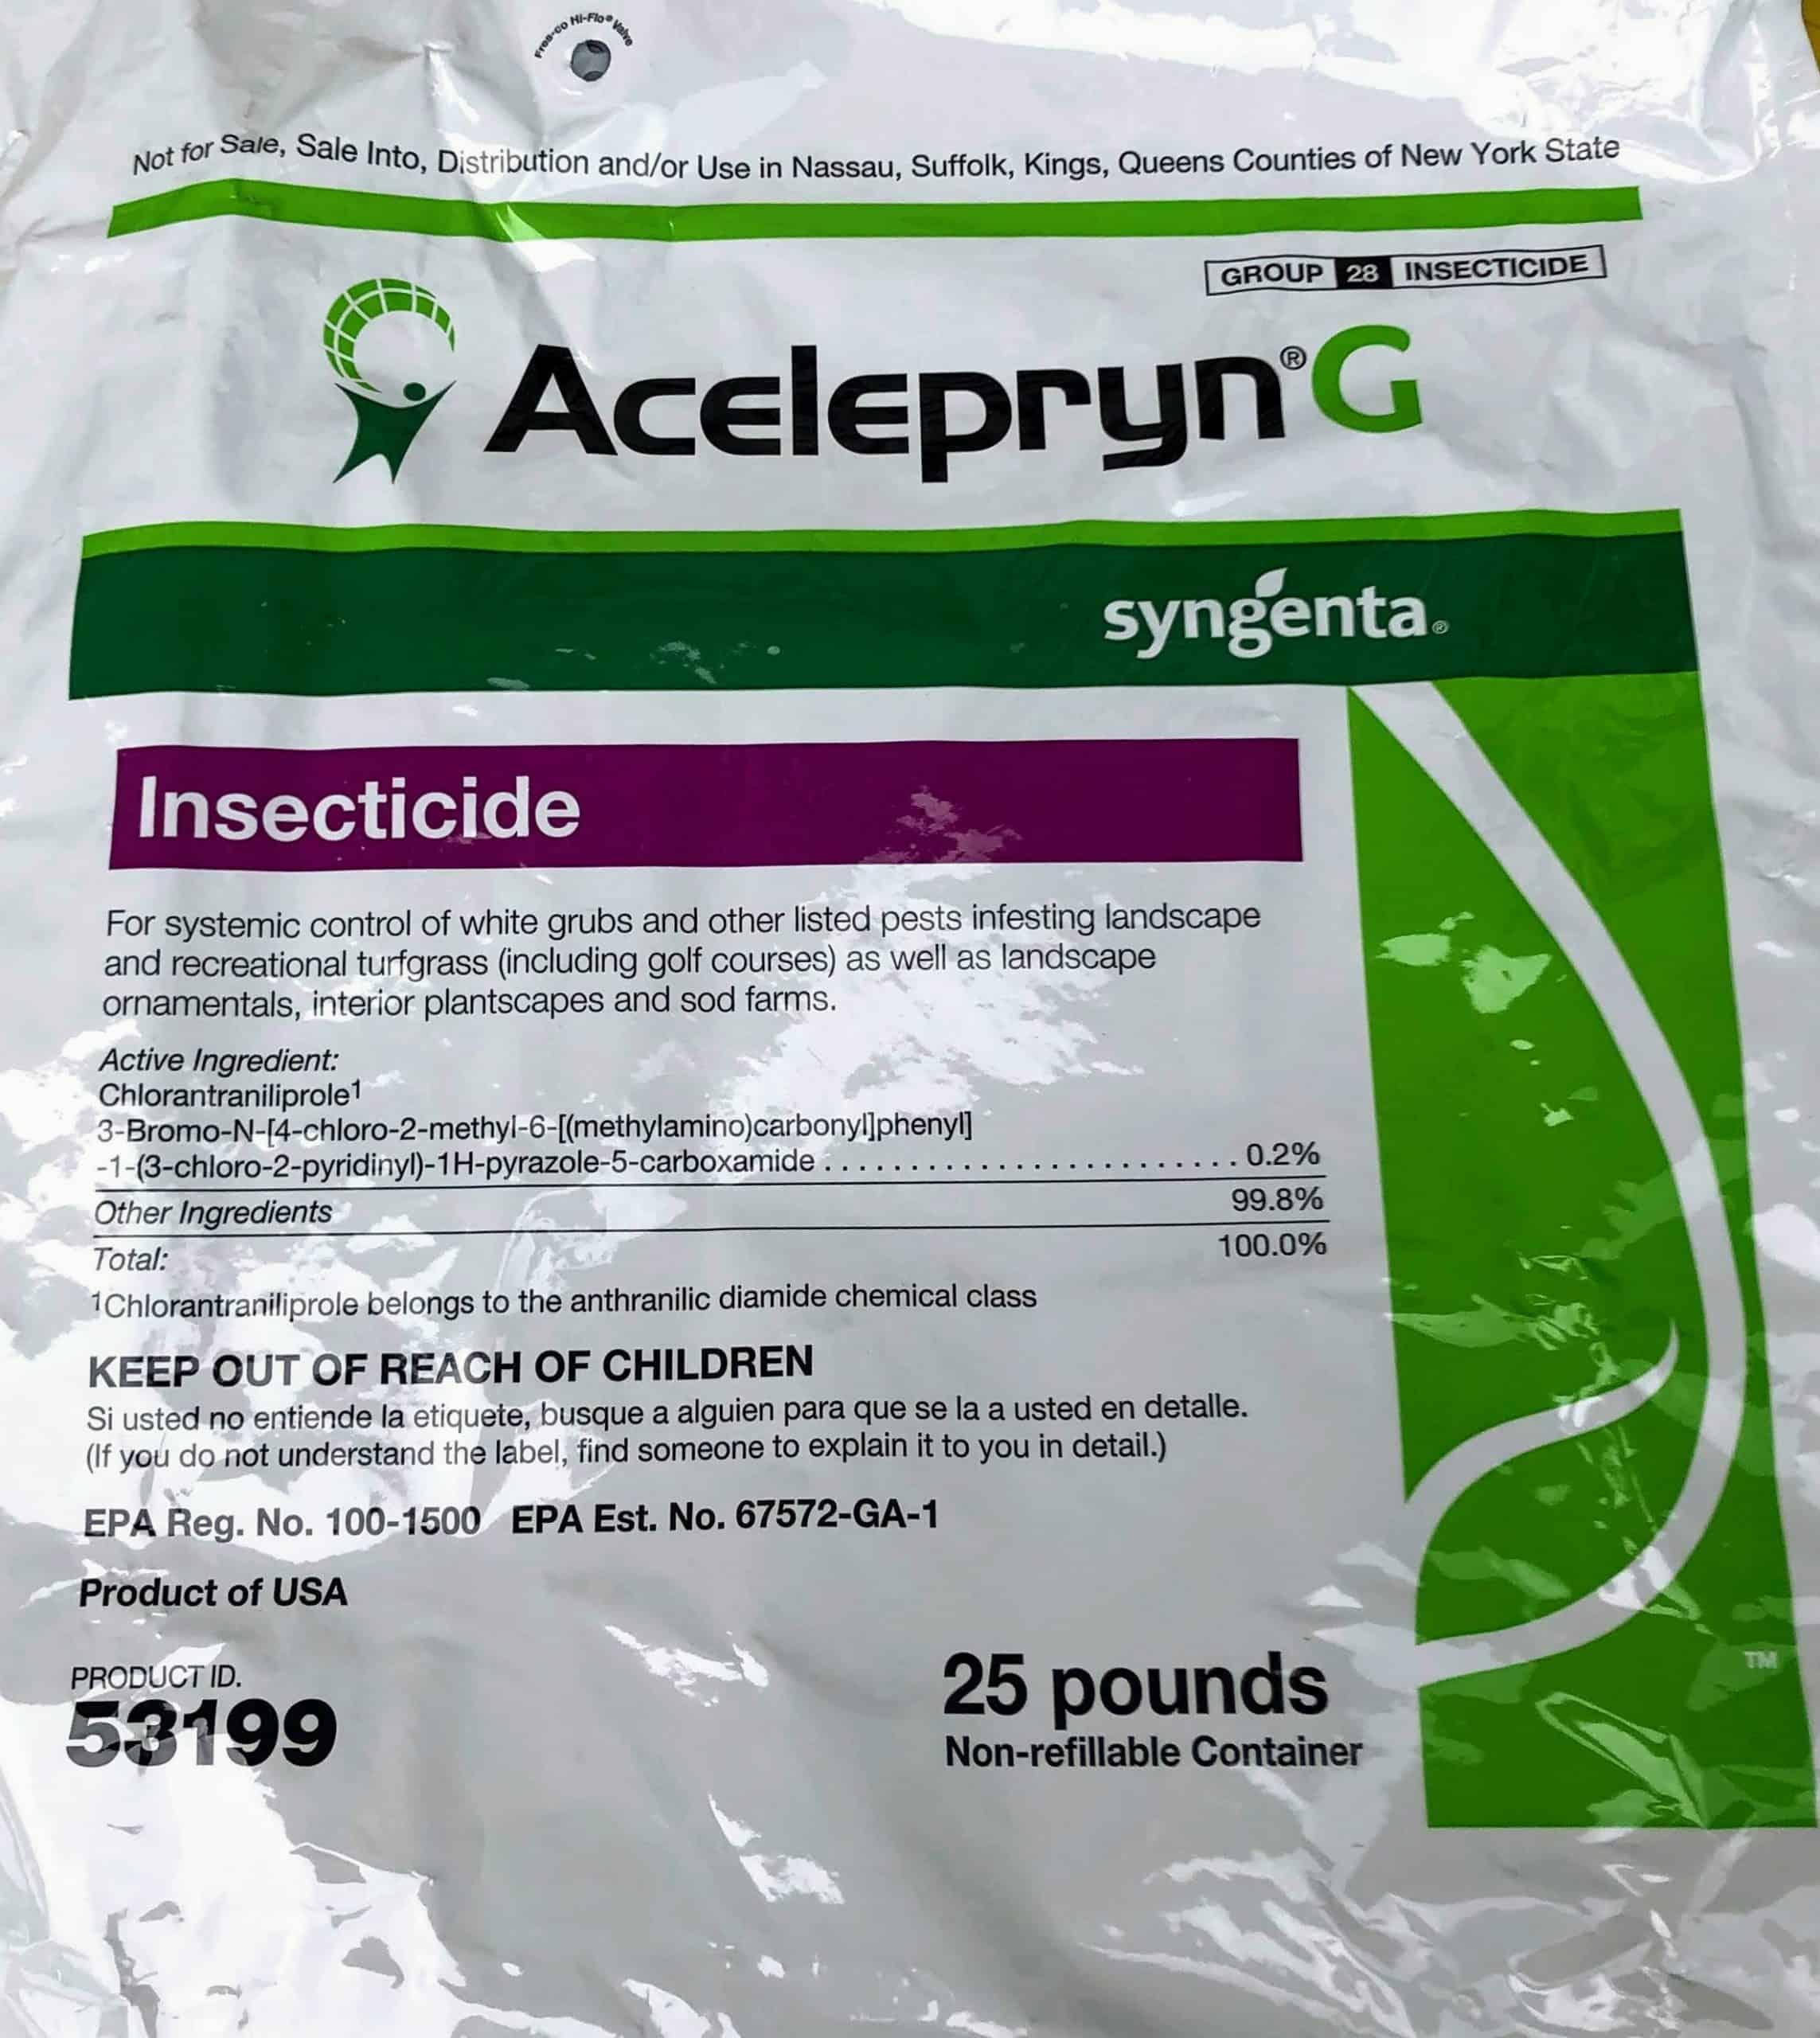 Acelepryn G